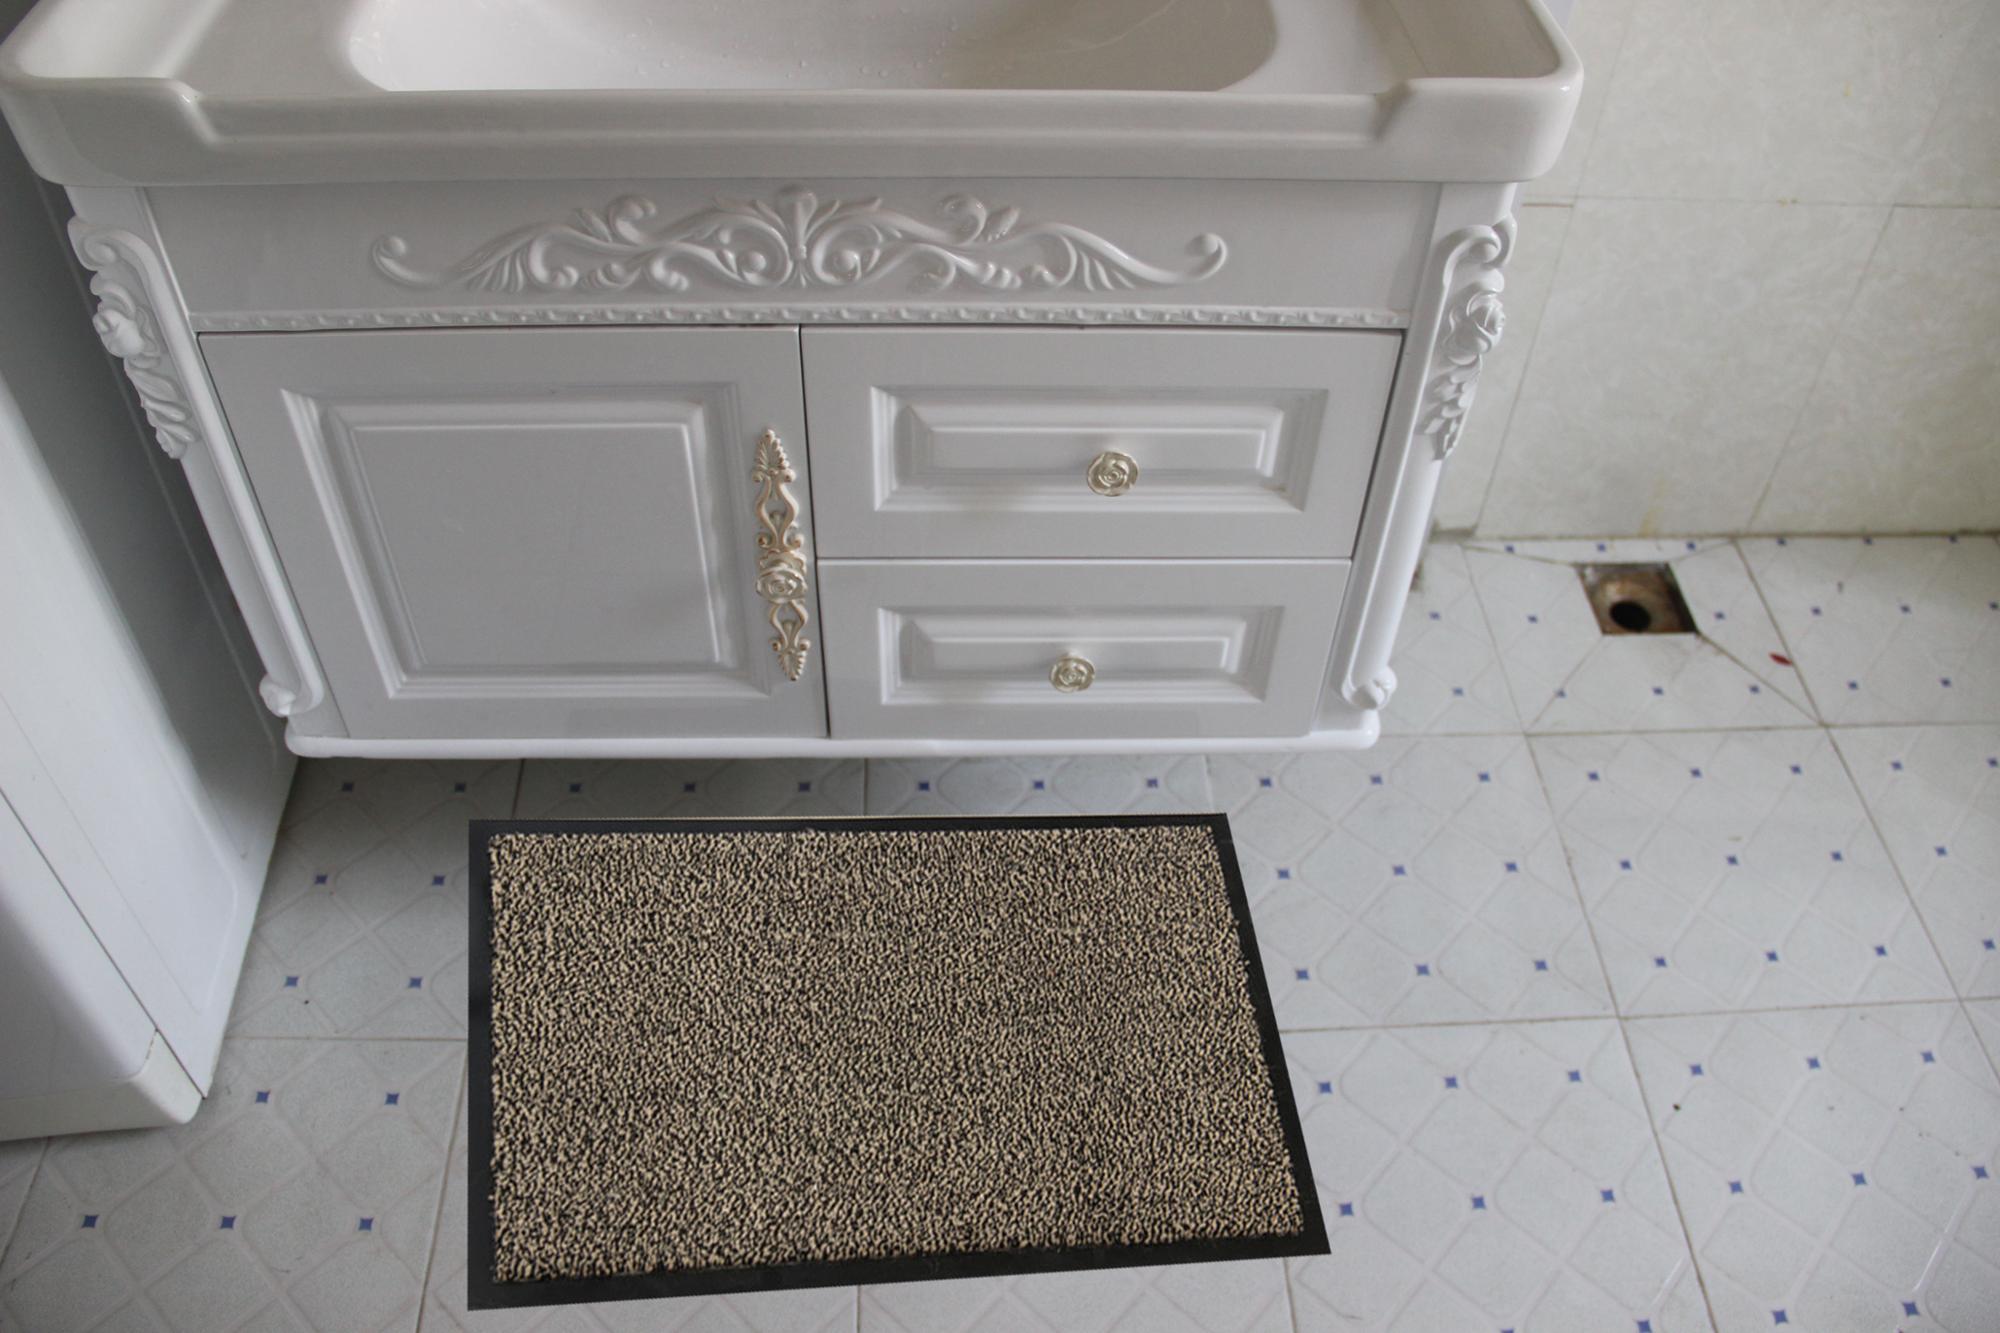 50x80cm Rubber Backed Door Mat Washable Oriental Kitchen Rugs - Buy Kitchen  Rugs,Washable Kitchen Rugs,Rubber Backed Door Mat Product on Alibaba.com